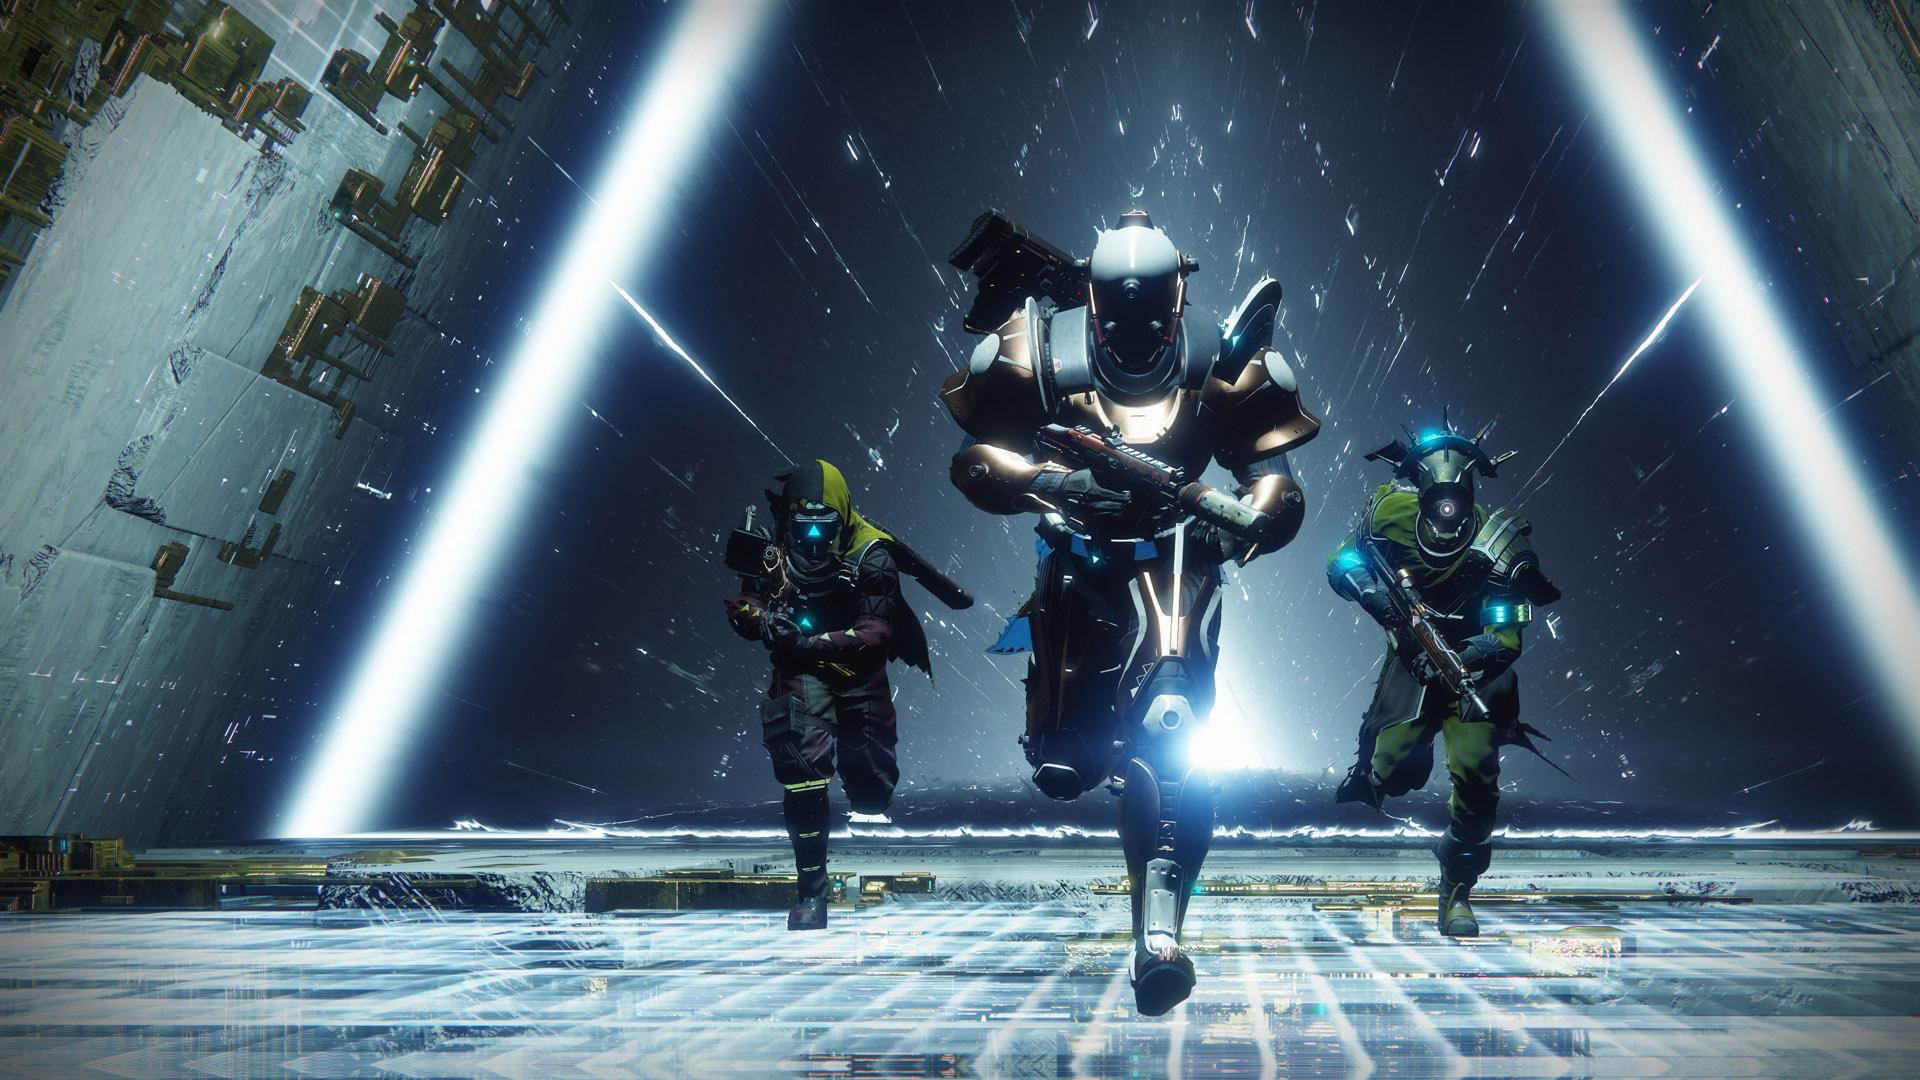 Destiny 2 Season 2 Curse of Osiris